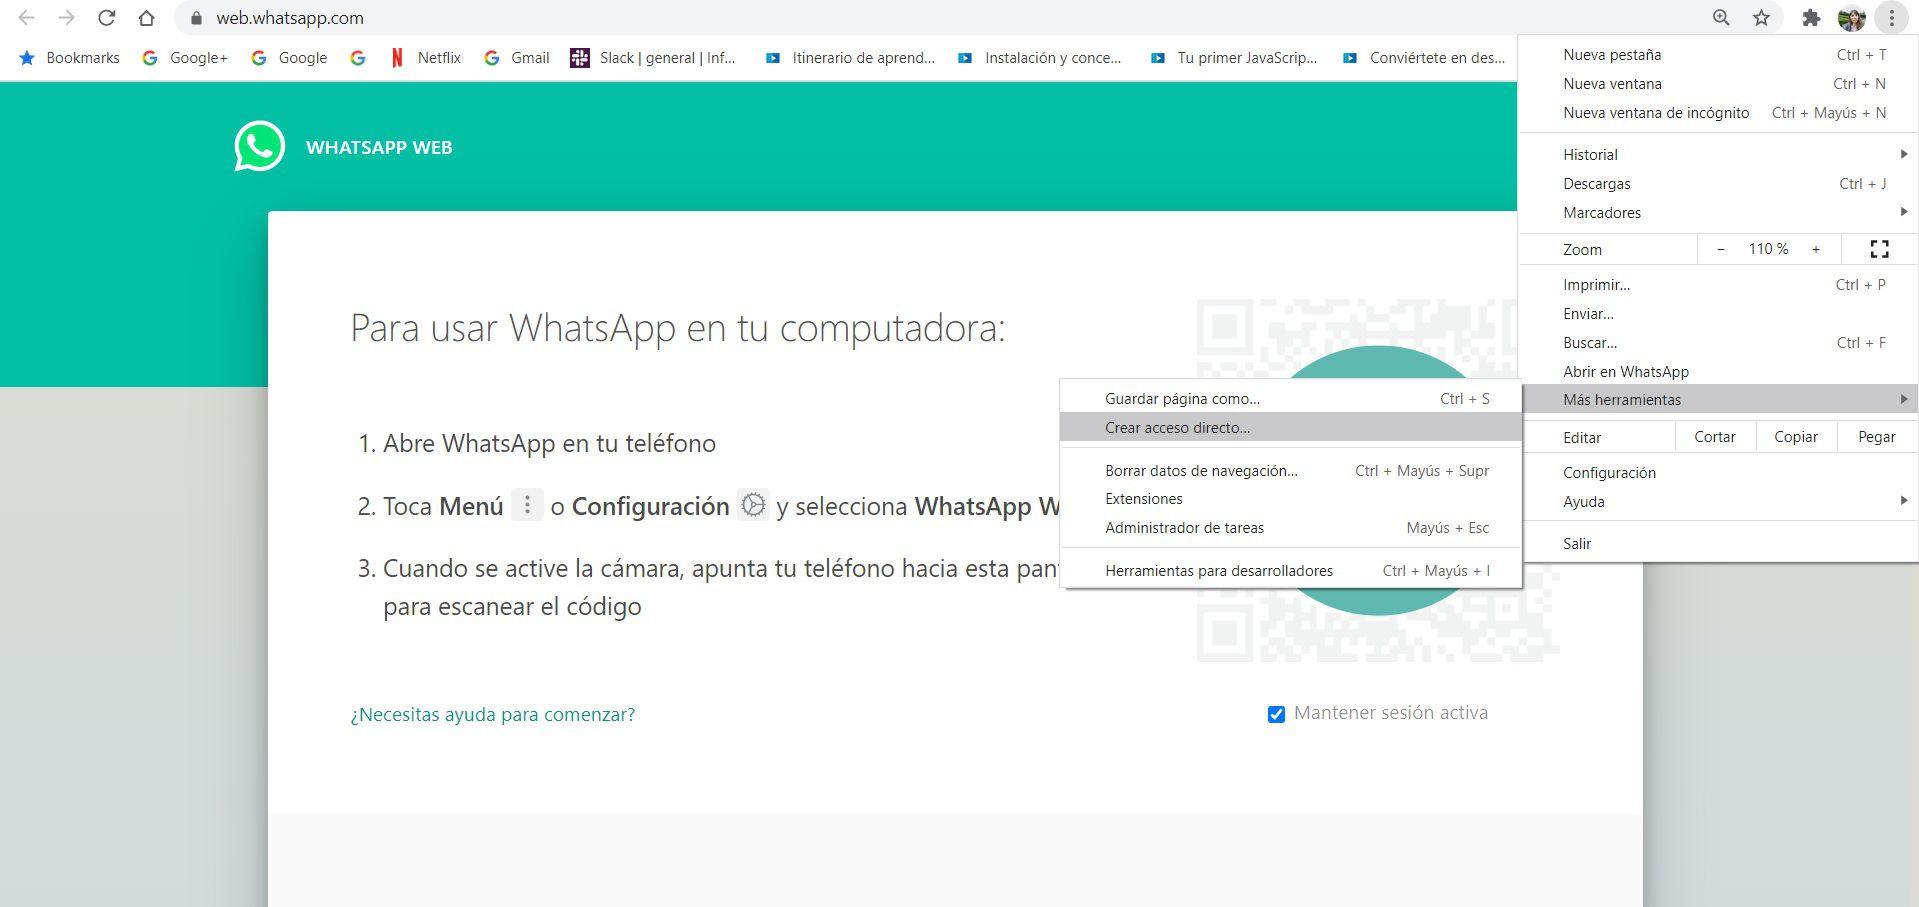 Crear acceso directo de WhatsApp web